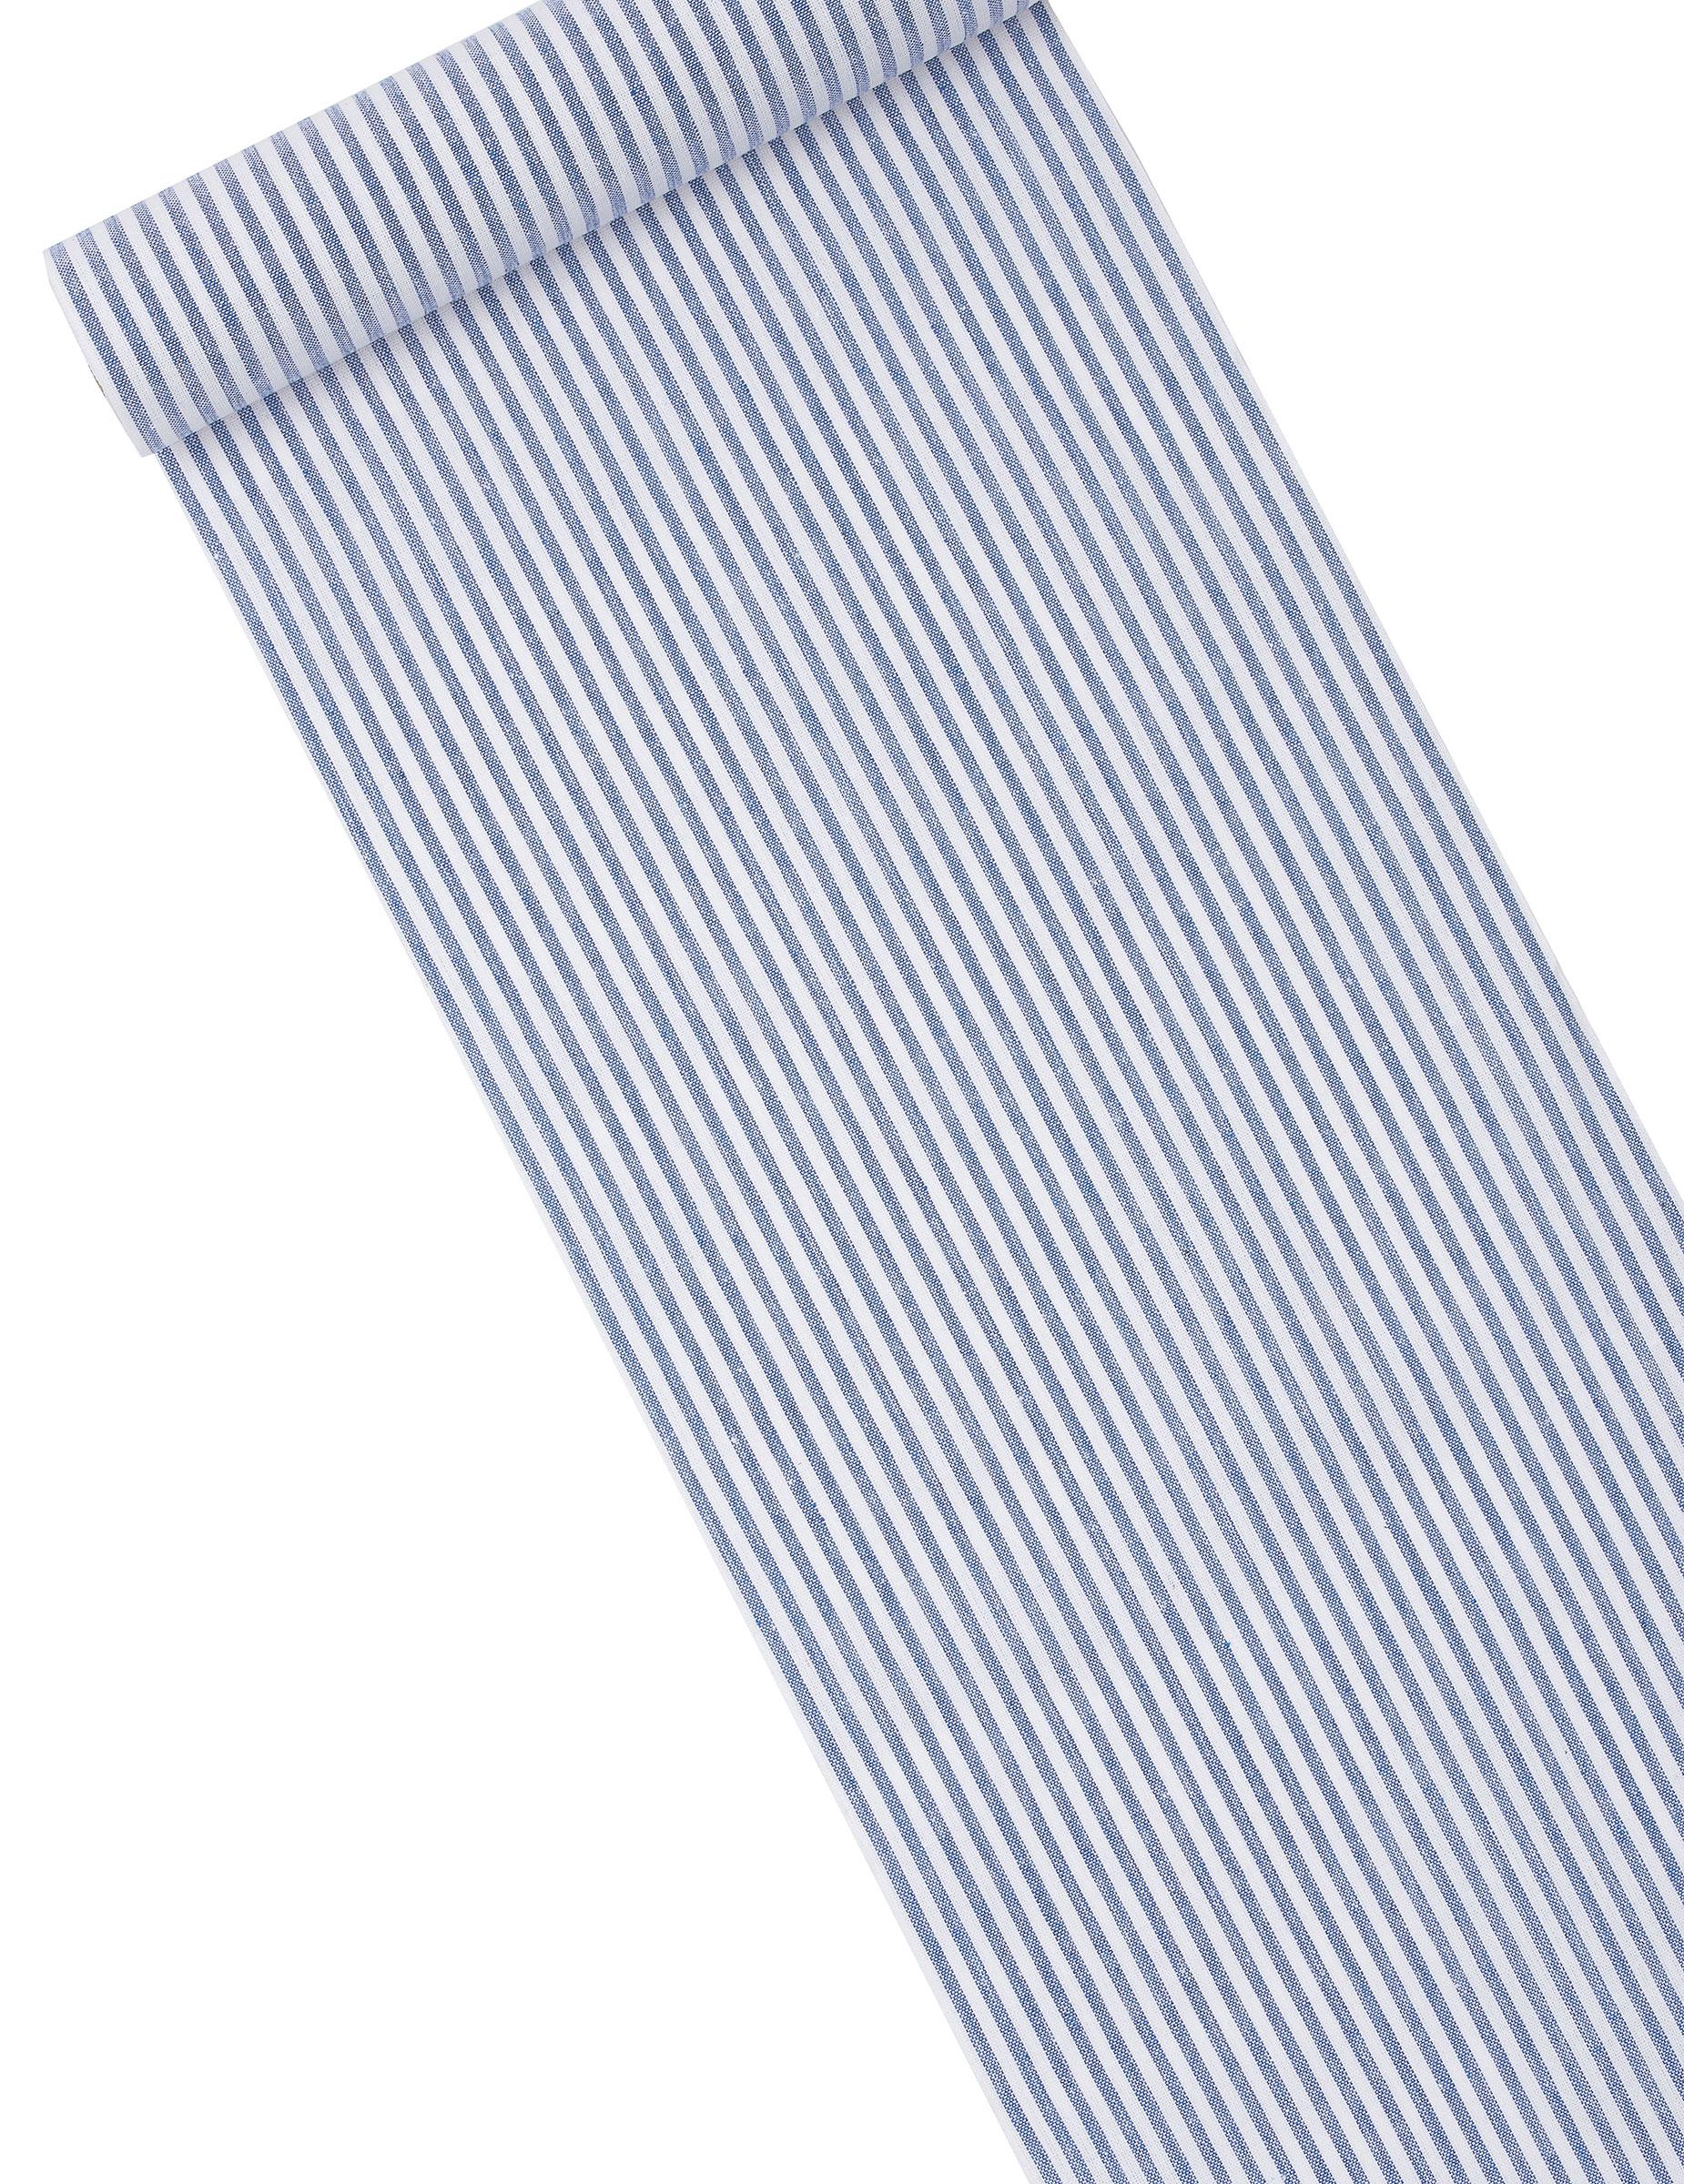 Chemin de table ray bleu marine et blanc d coration for Chemin de table bleu